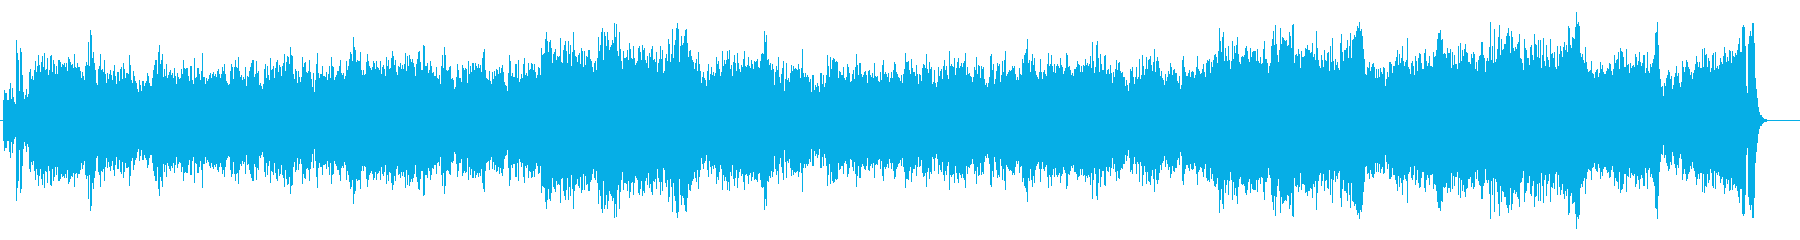 壮大な映画風オーケストラ(フルサイズ)の再生済みの波形